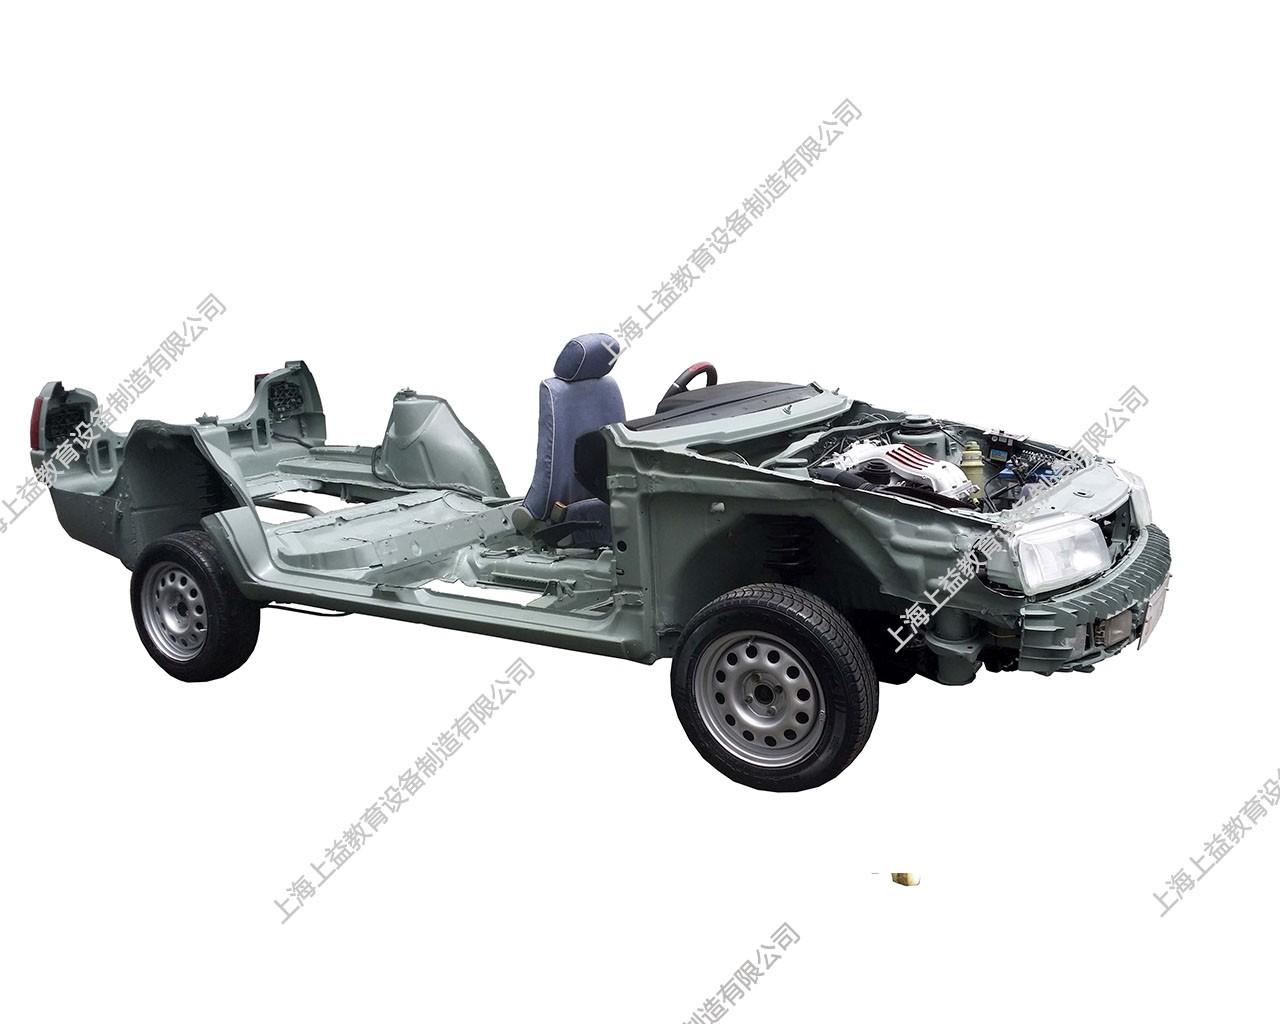 汽车底盘结构原理展示wwwlehu8vip台(大众捷达)